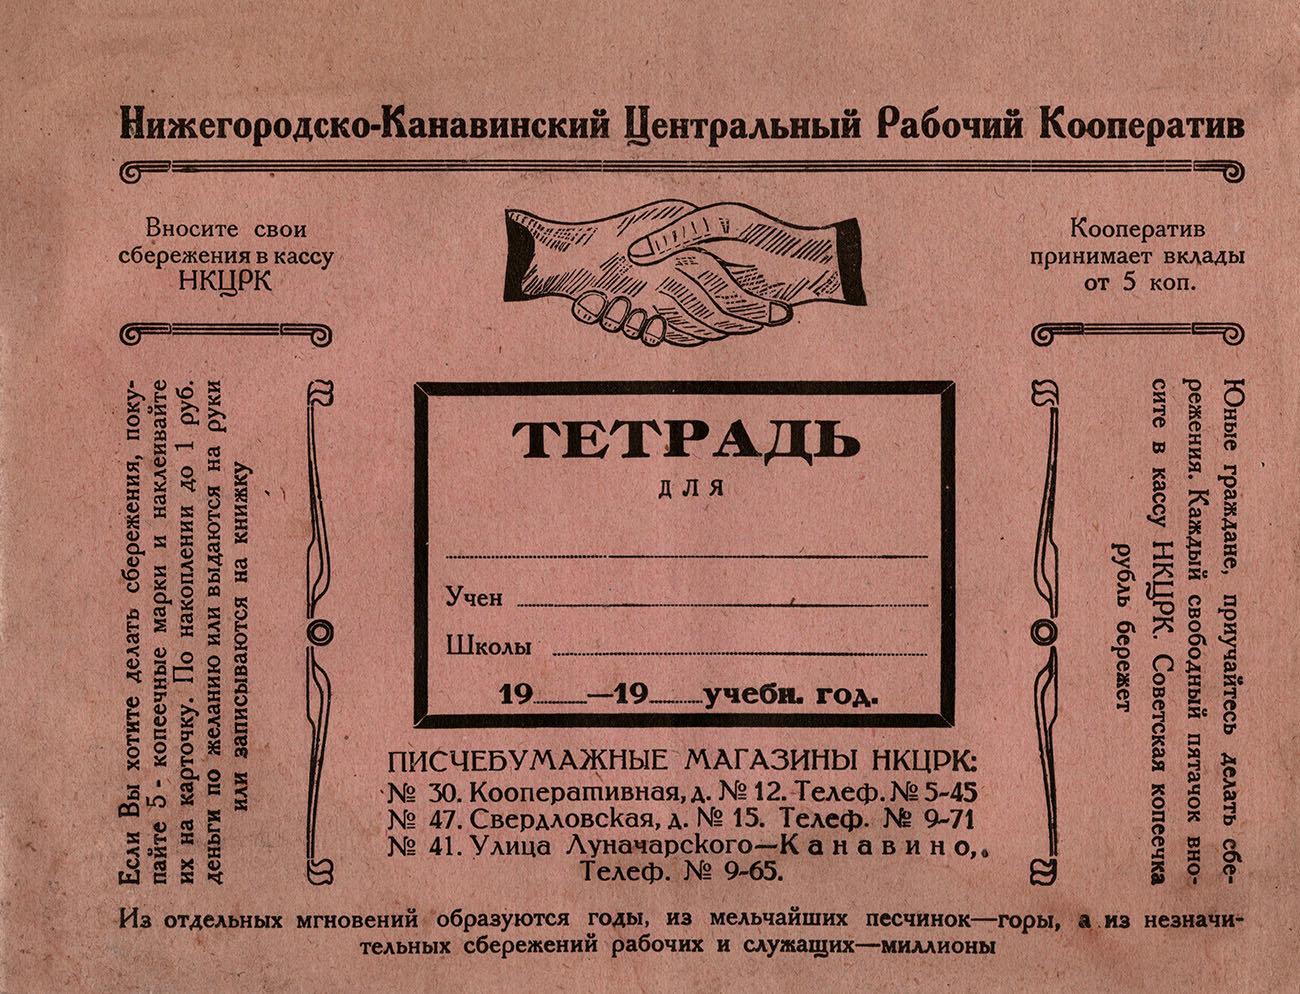 Тетрадь НКЦРК, 218х168